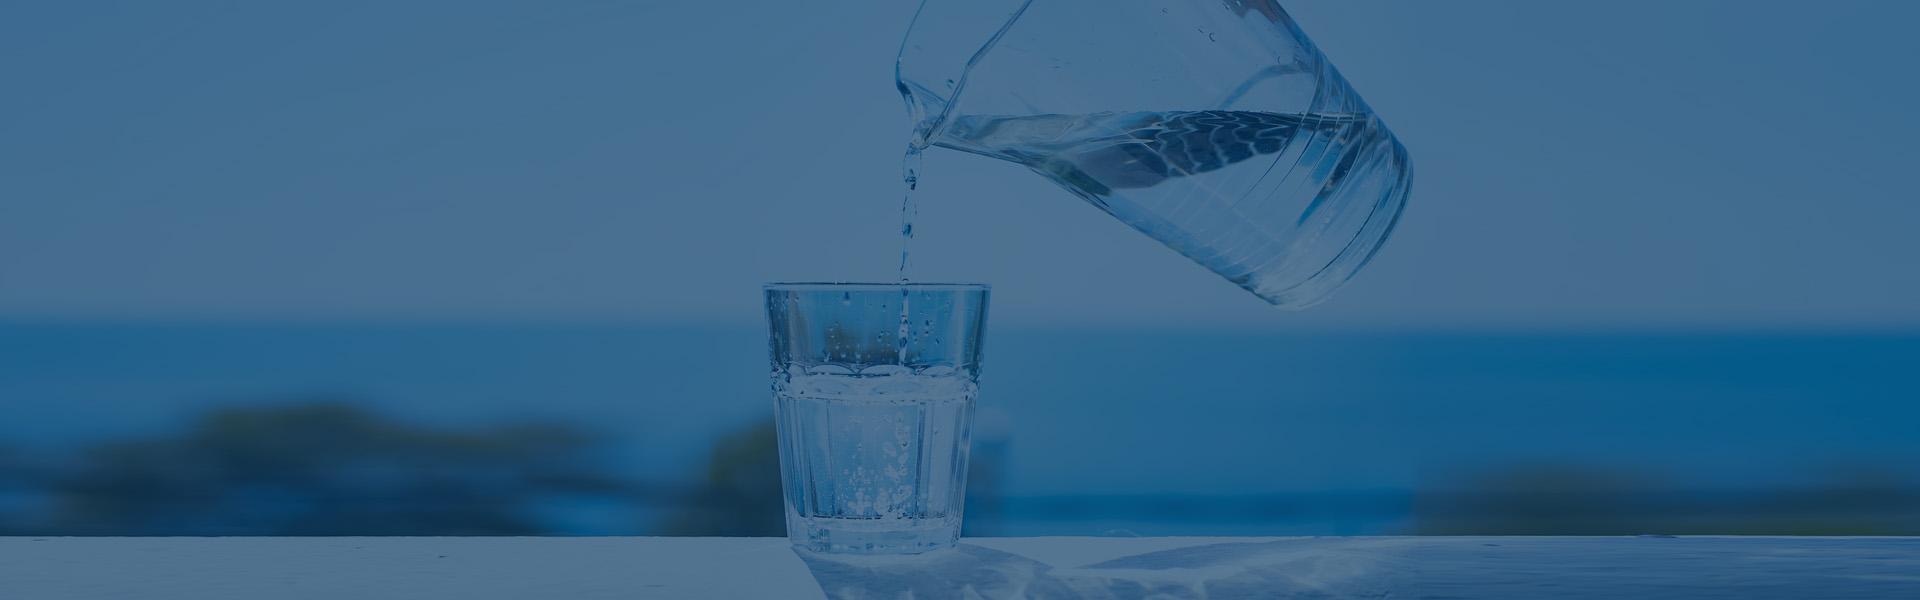 water bg